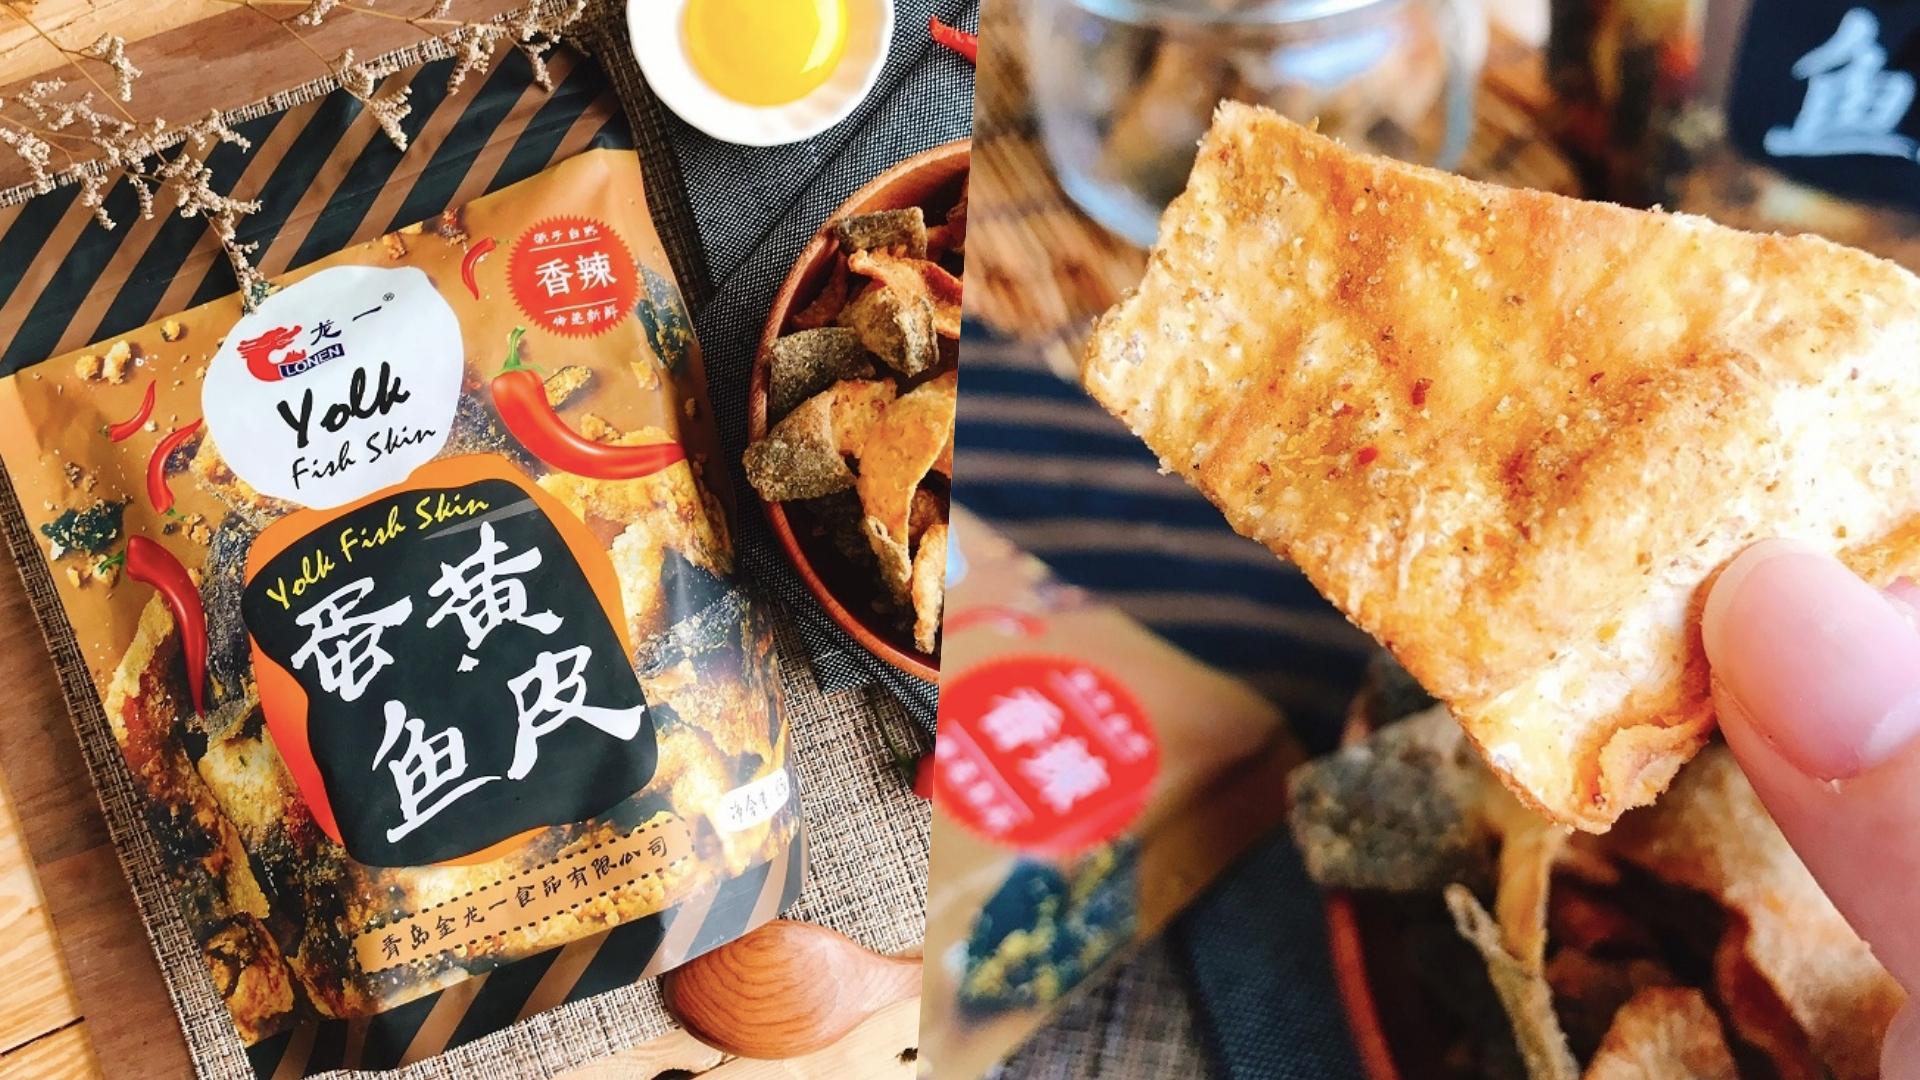 低溫烘烤過的魚皮金黃酥脆,搭配鹹蛋黃的金沙口感超順口,另外還加入香辣的辛香料吃起來味道更加豐富有層次!